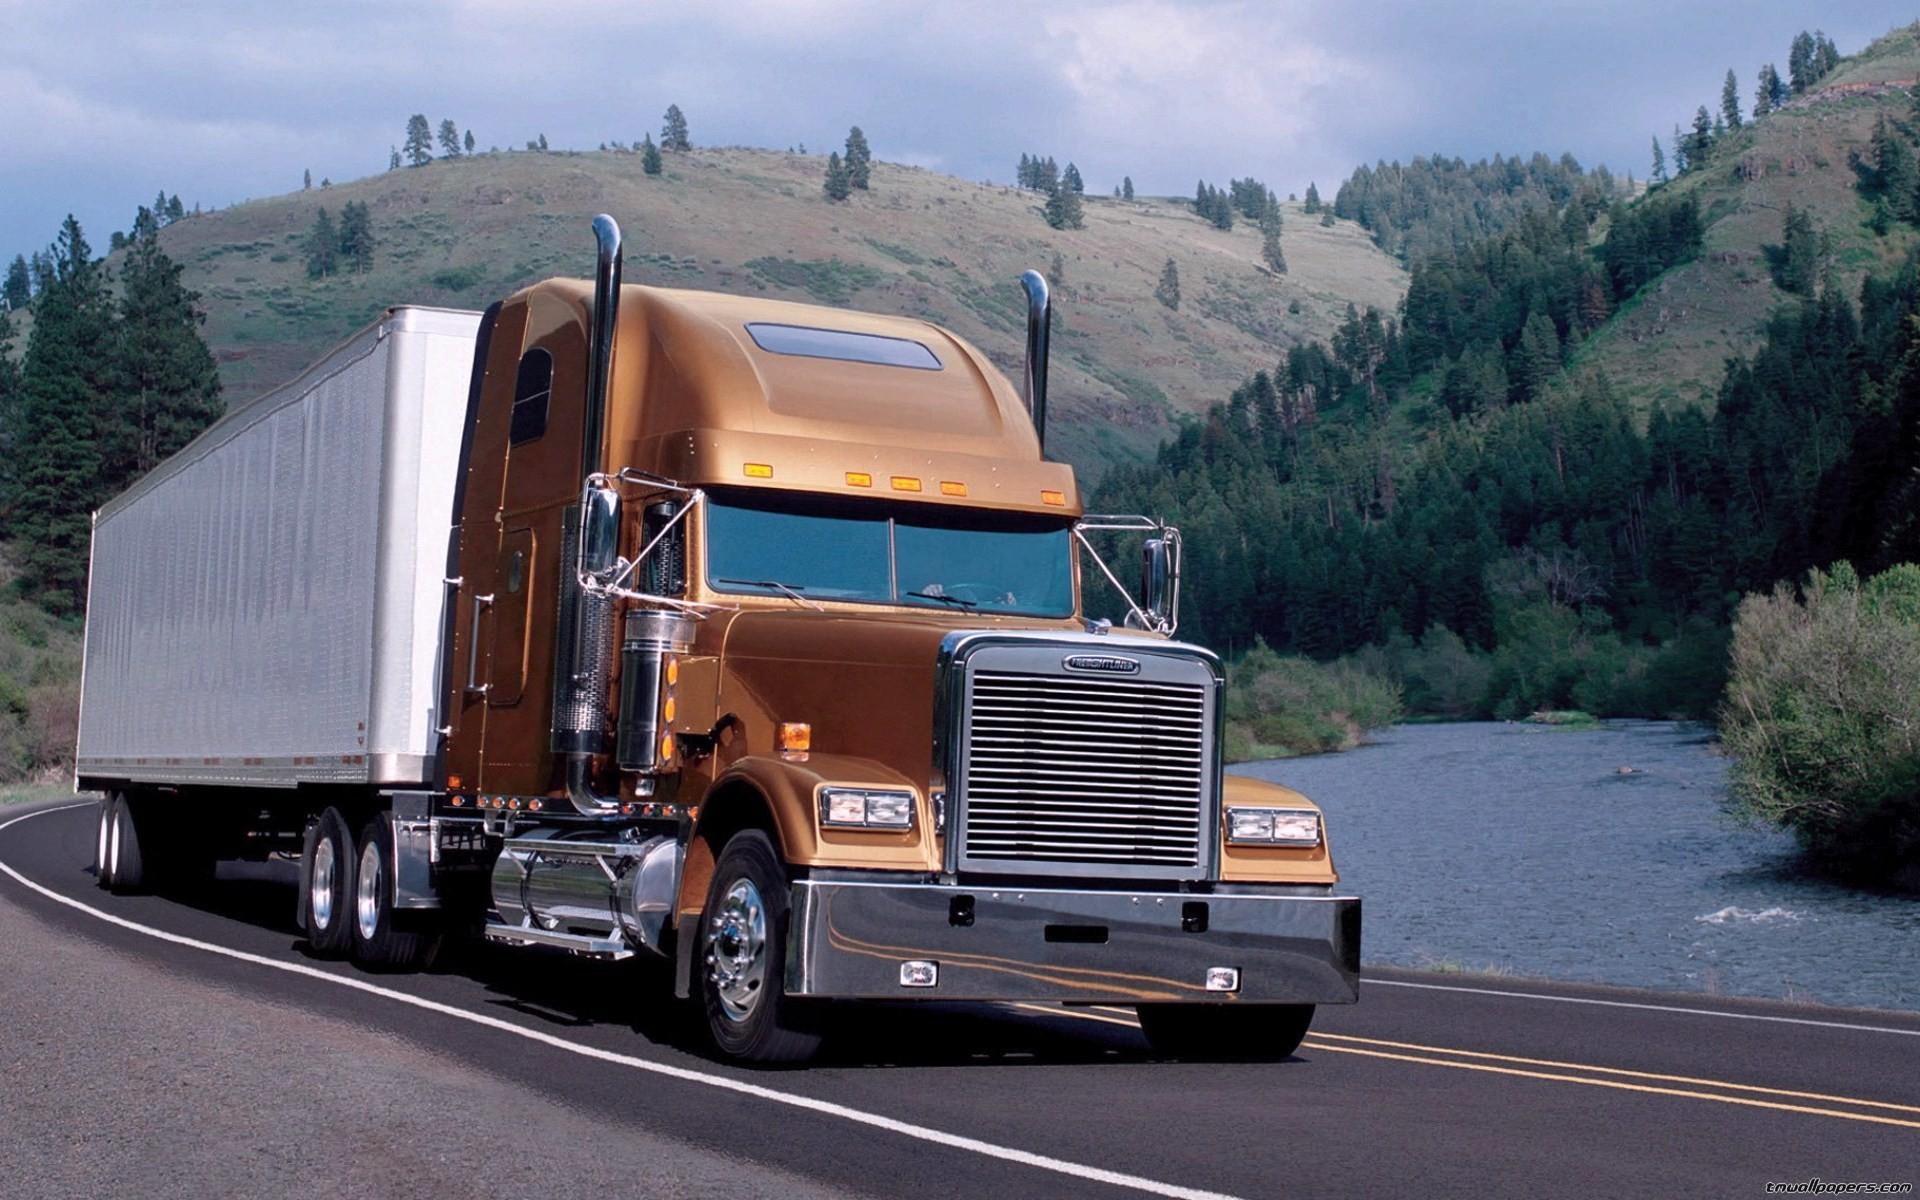 Daf XF Truck   1080p HD Wallpaper Widescreen | kamion | Pinterest |  Lamborghini aventador, Lamborghini and Transportation